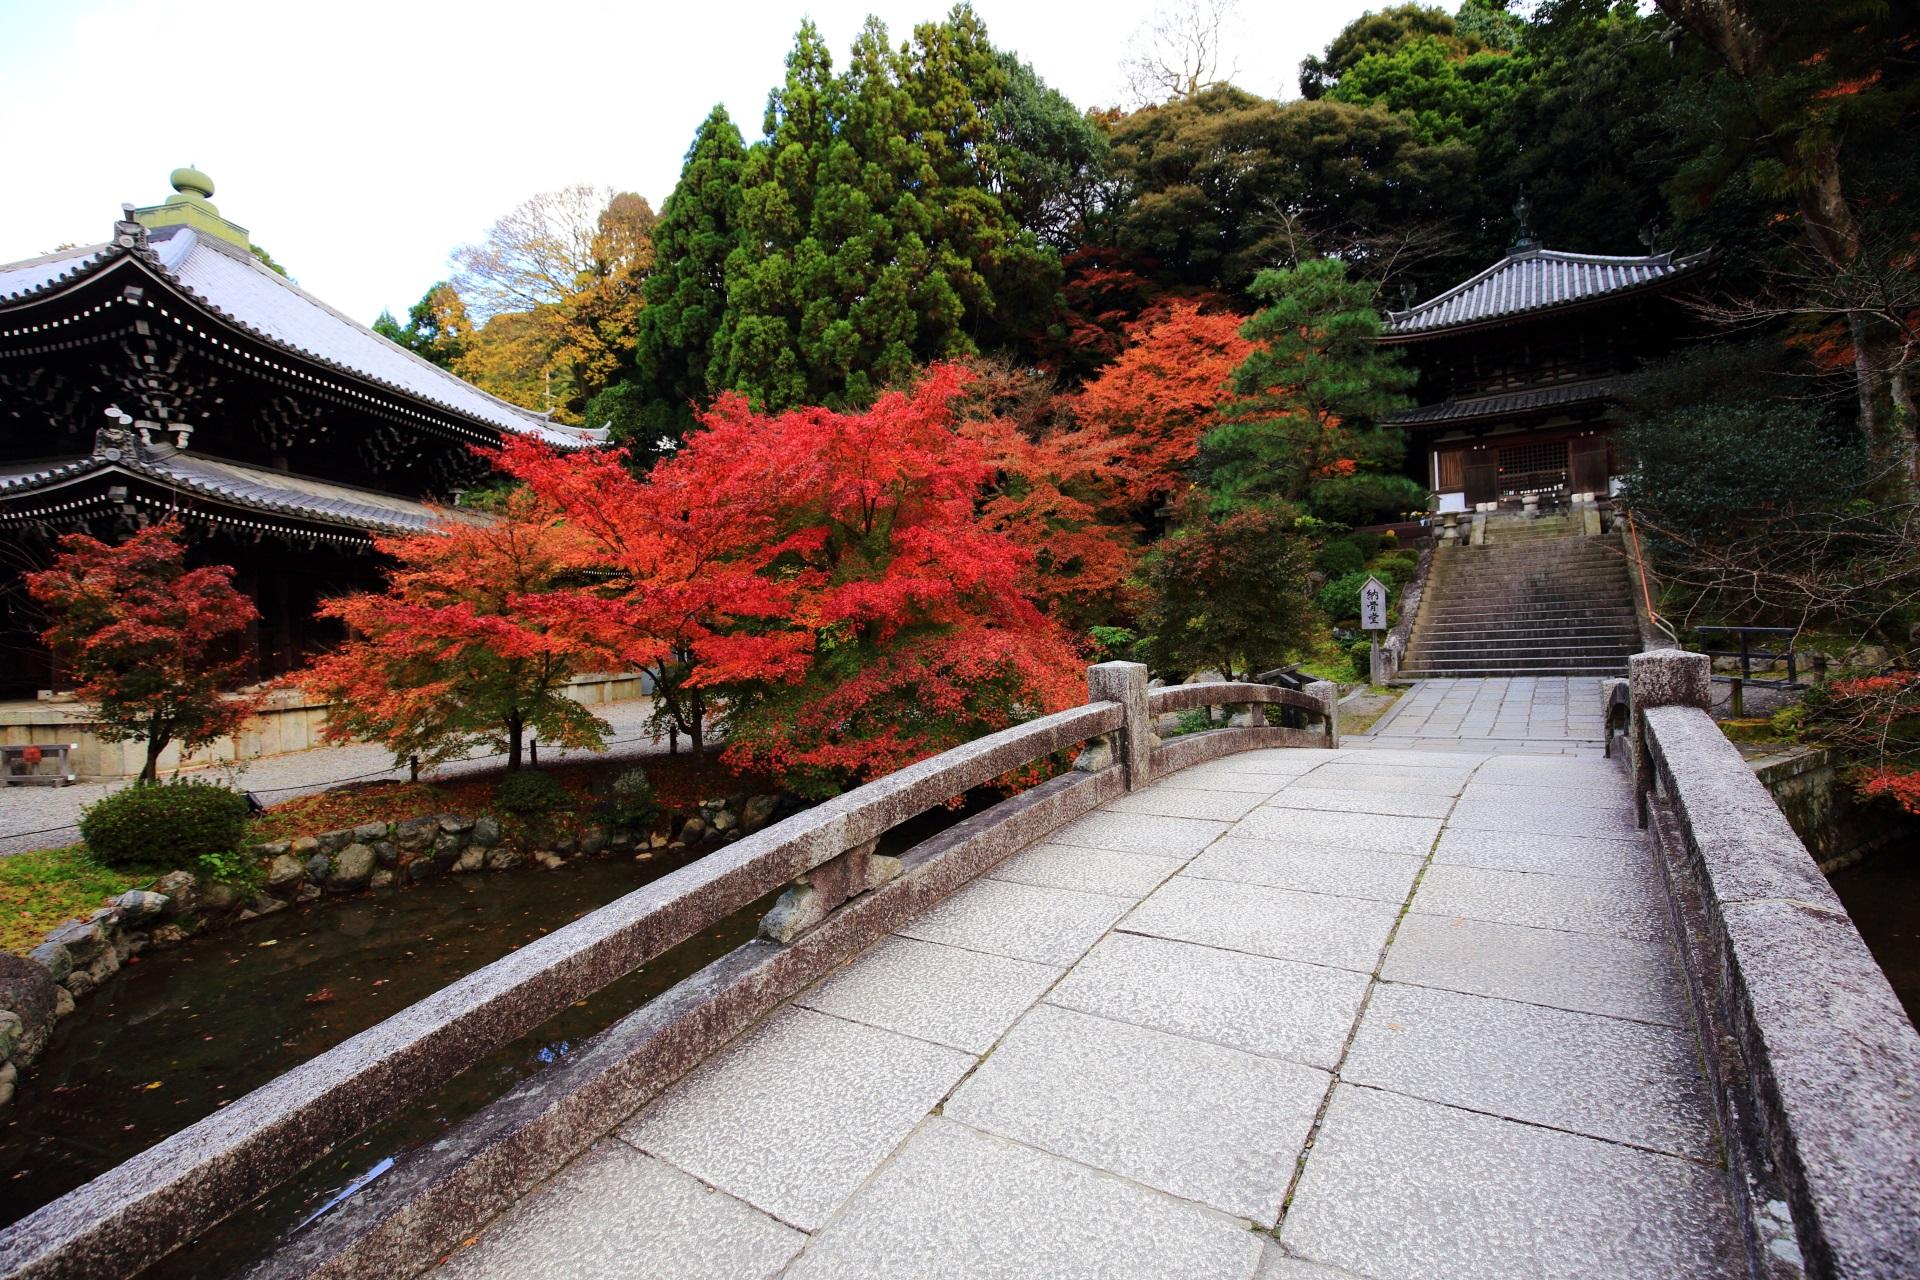 知恩院 紅葉 情緒ある深い秋色に染まる名所